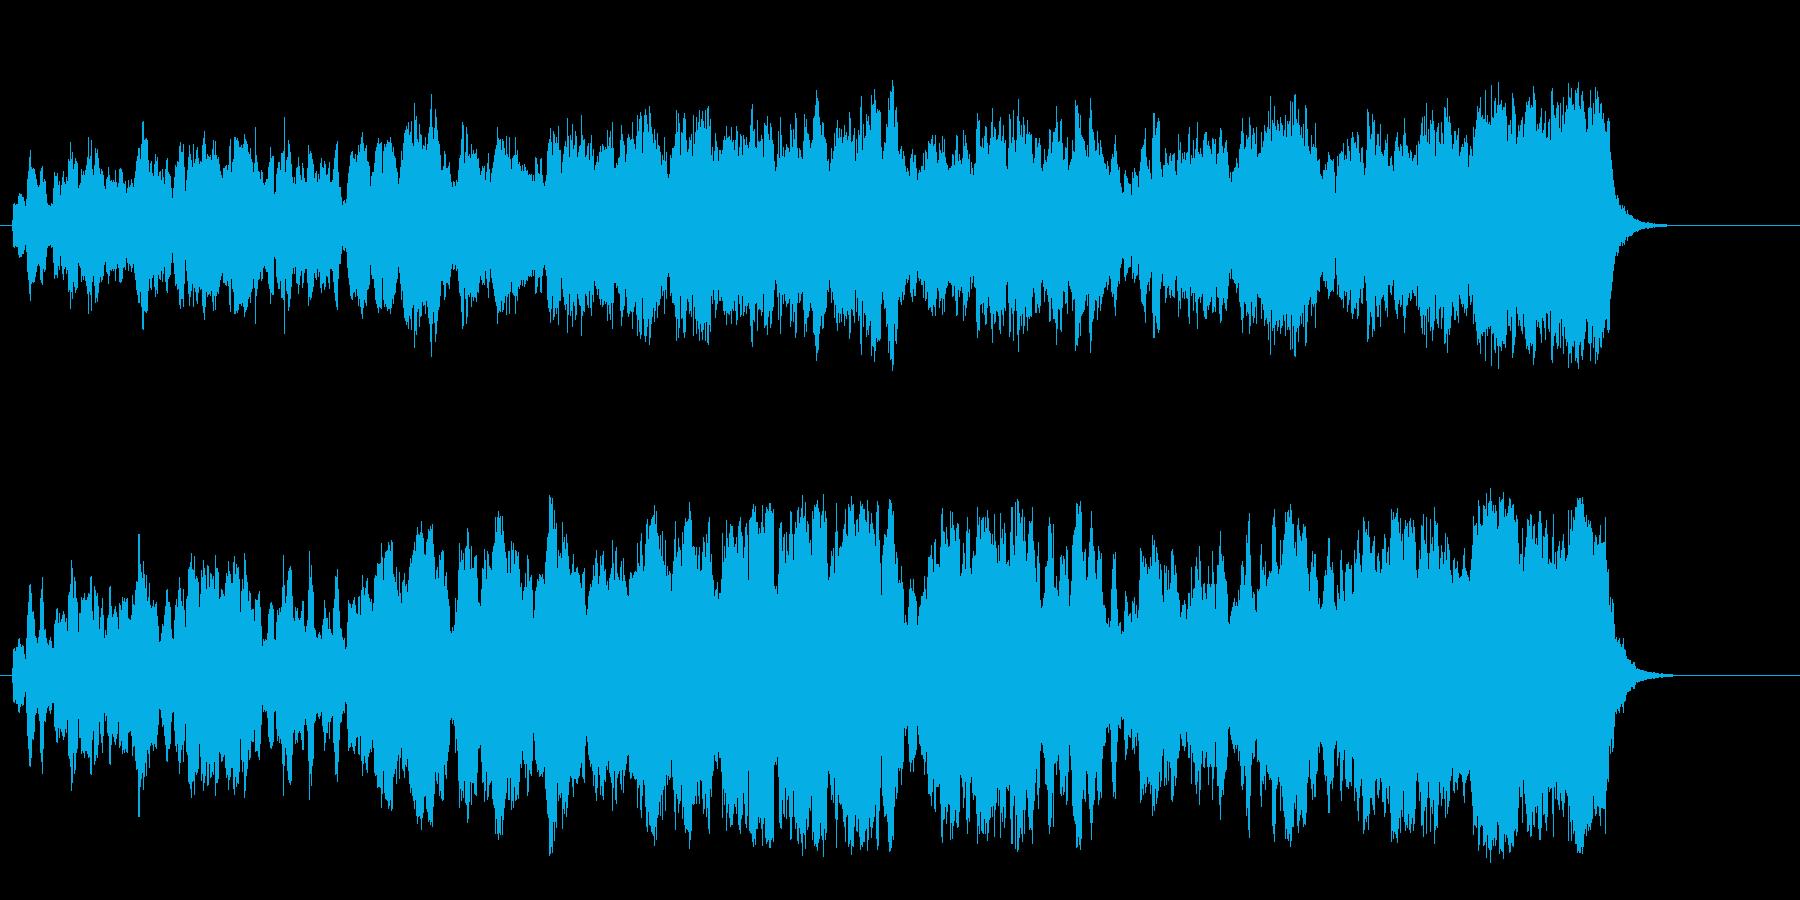 緩やかなメロディーが安らげるセミクラの再生済みの波形